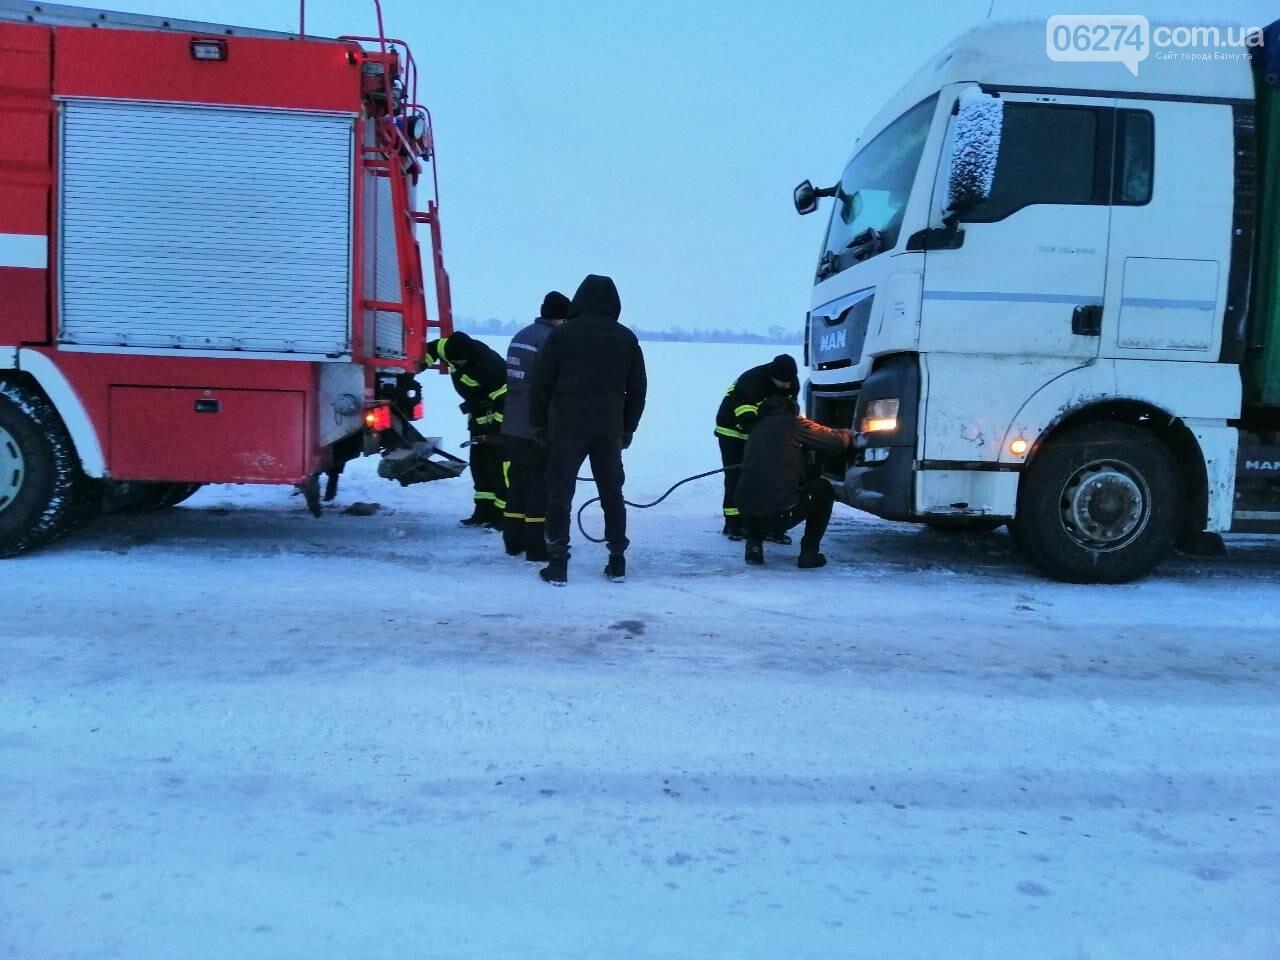 За сутки спасатели Донетчины оказали помощь водителям и пассажирам 45 транспортных средств, фото-2